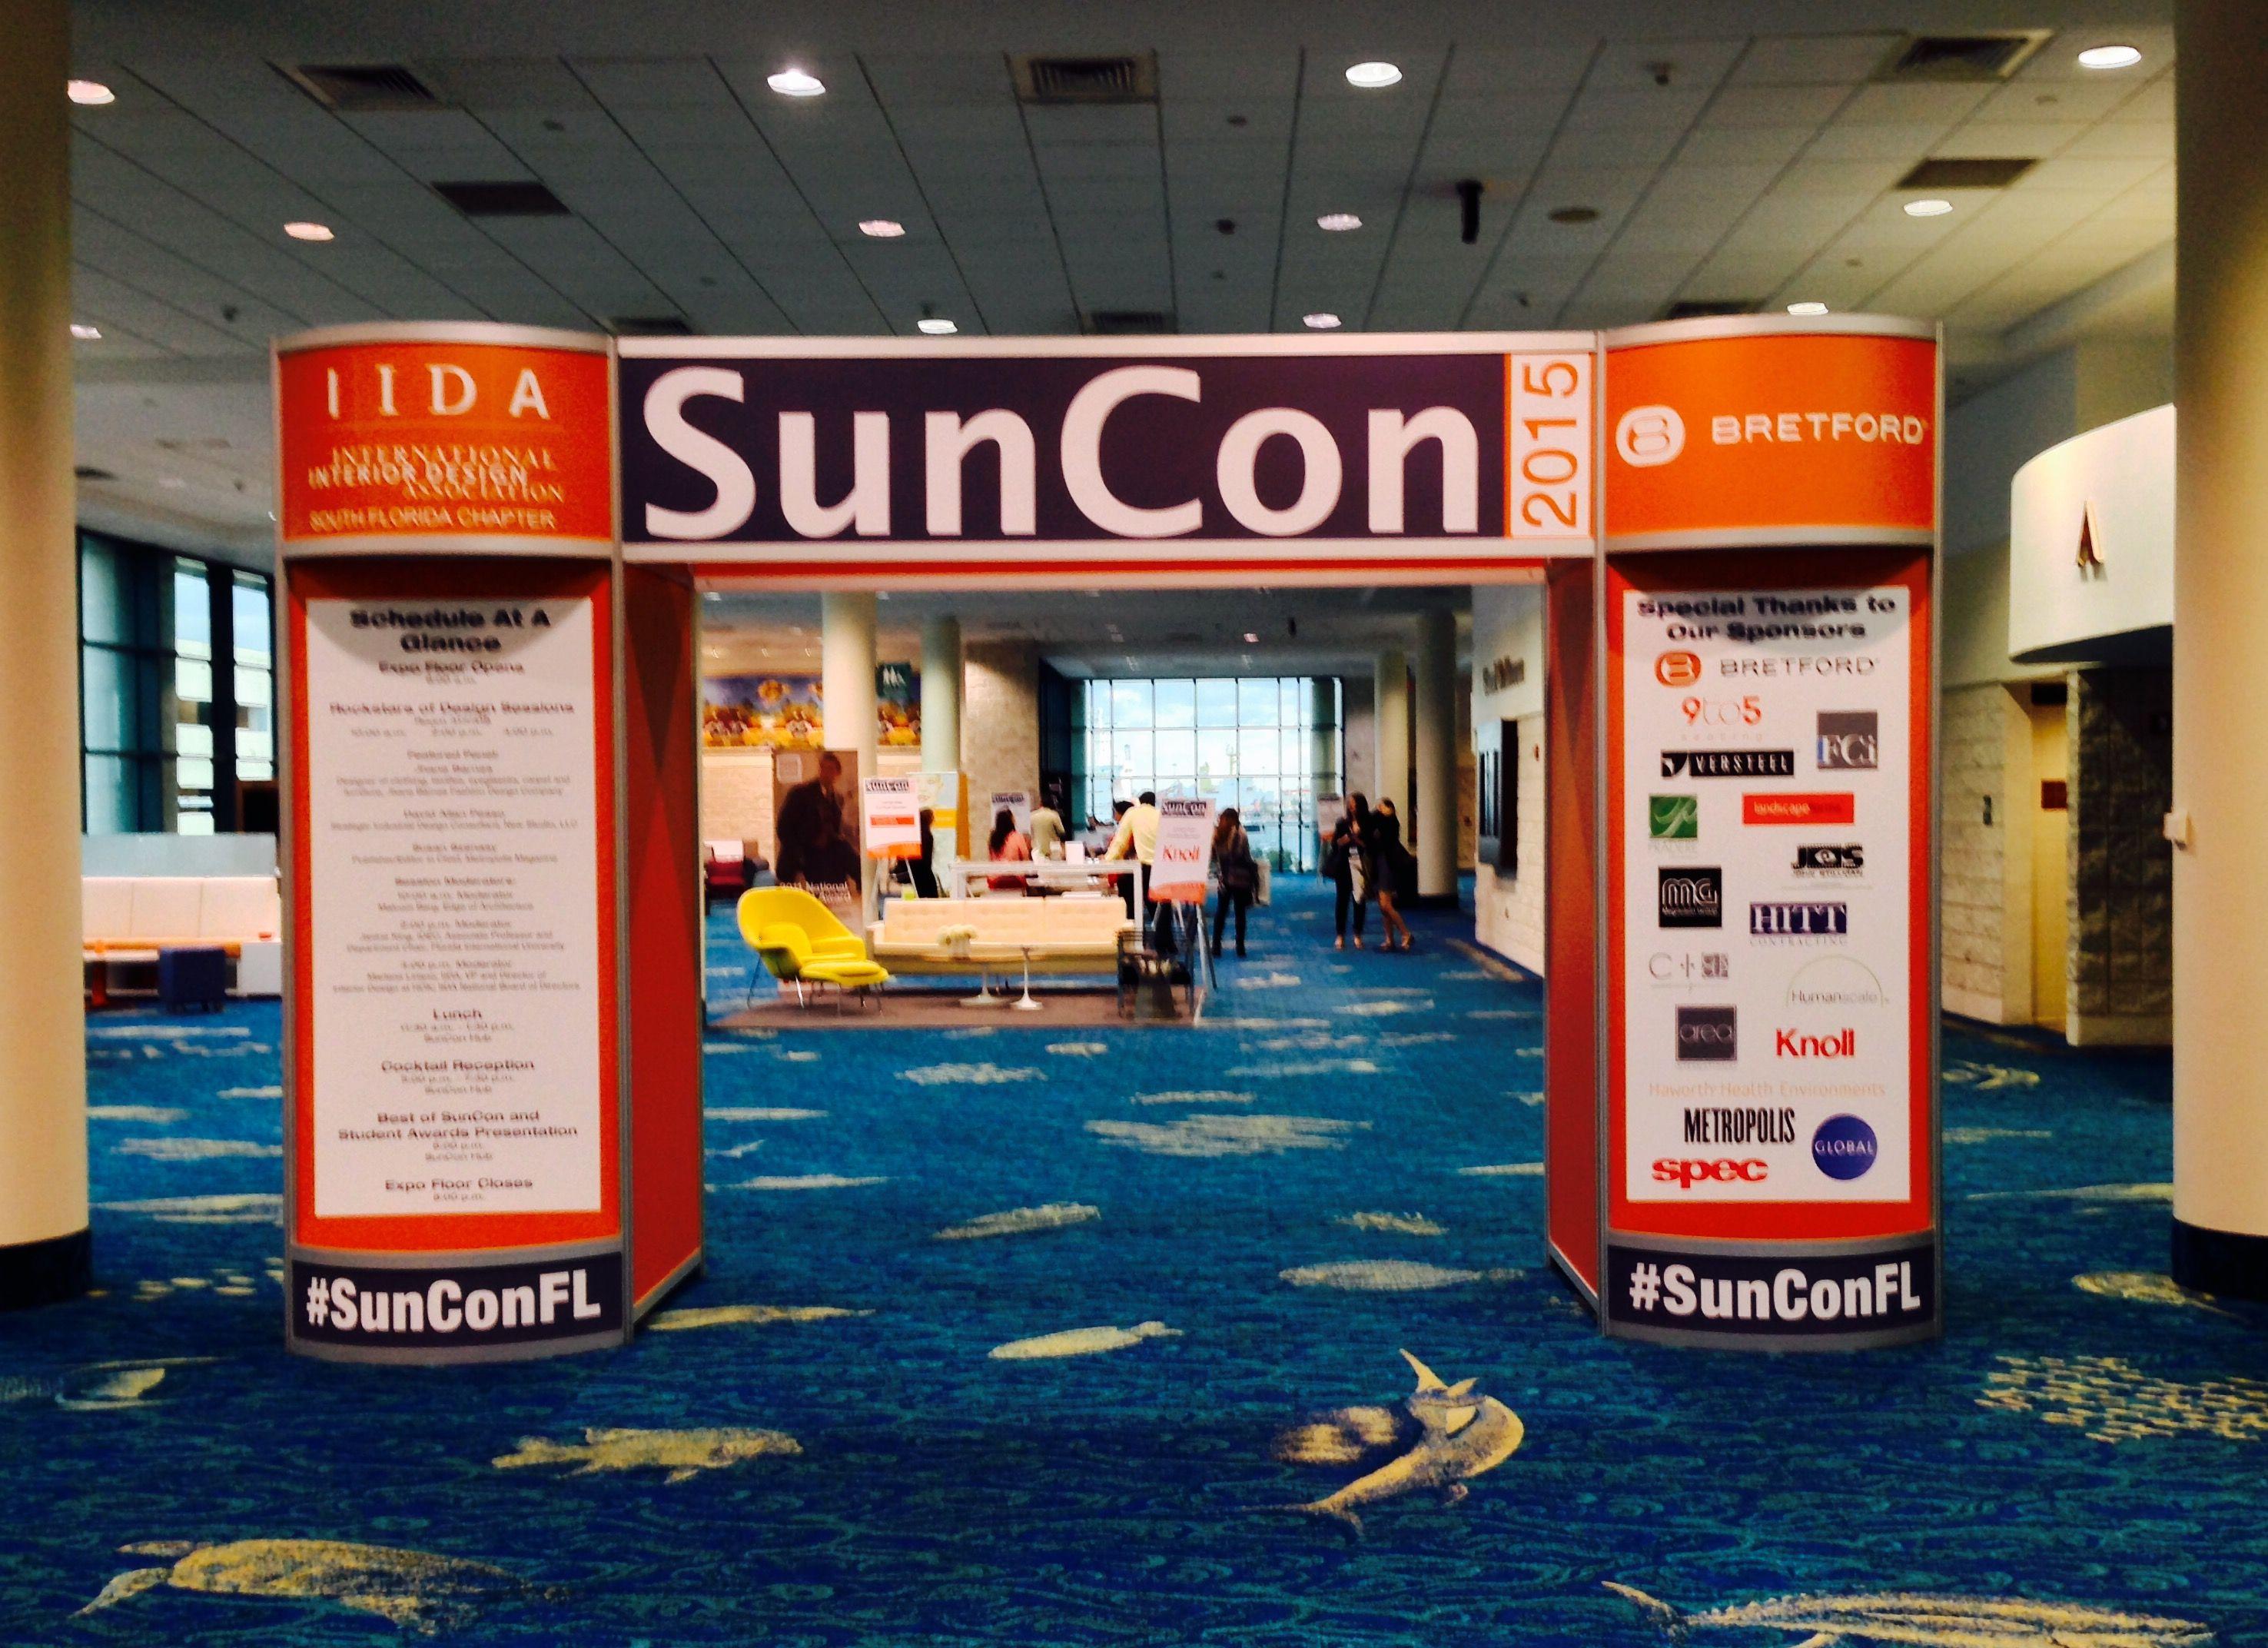 SunCon 2015